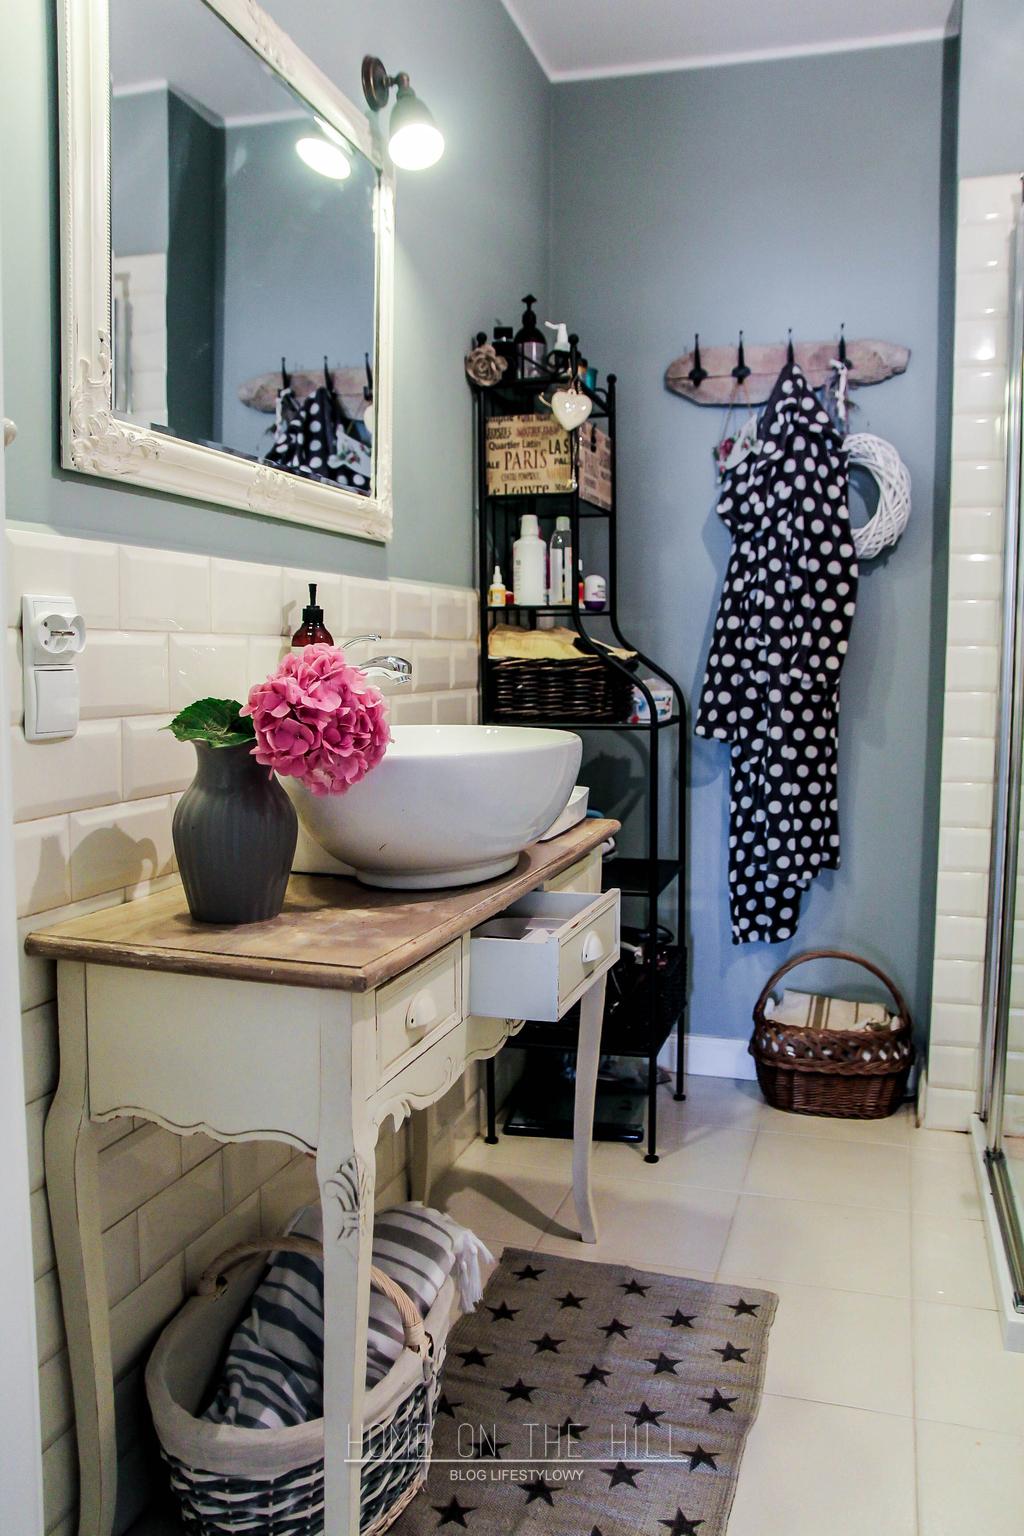 łazienka w prowansalskim stylu